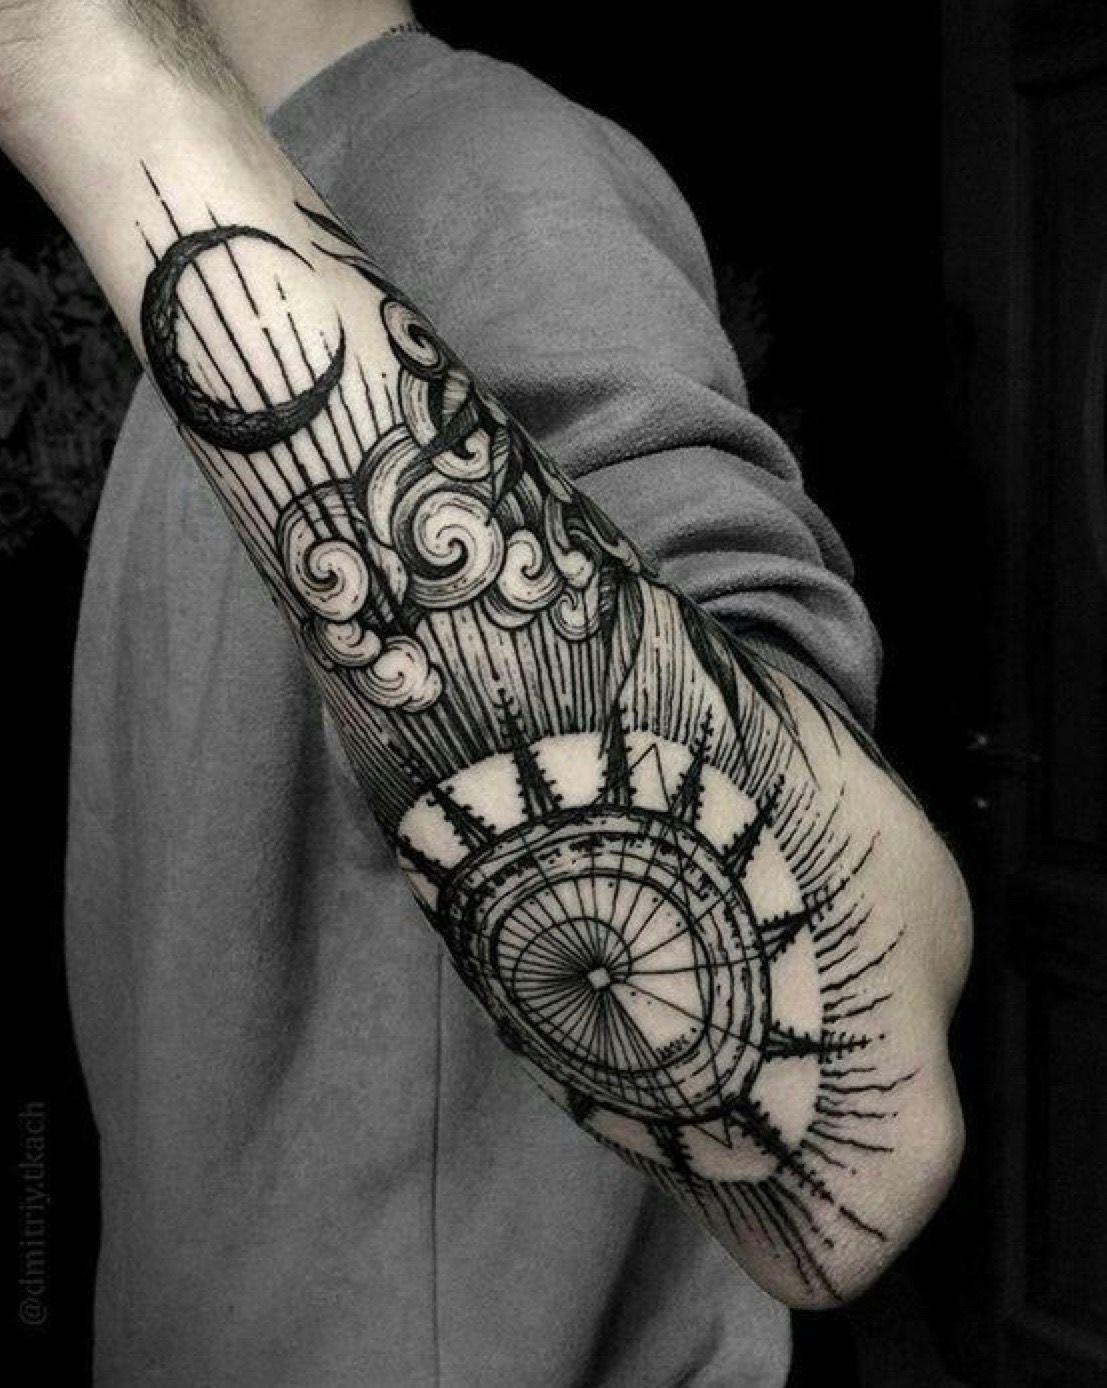 Pin By Maddy On Tattoos Pinterest Tatouage Tatouage Viking And